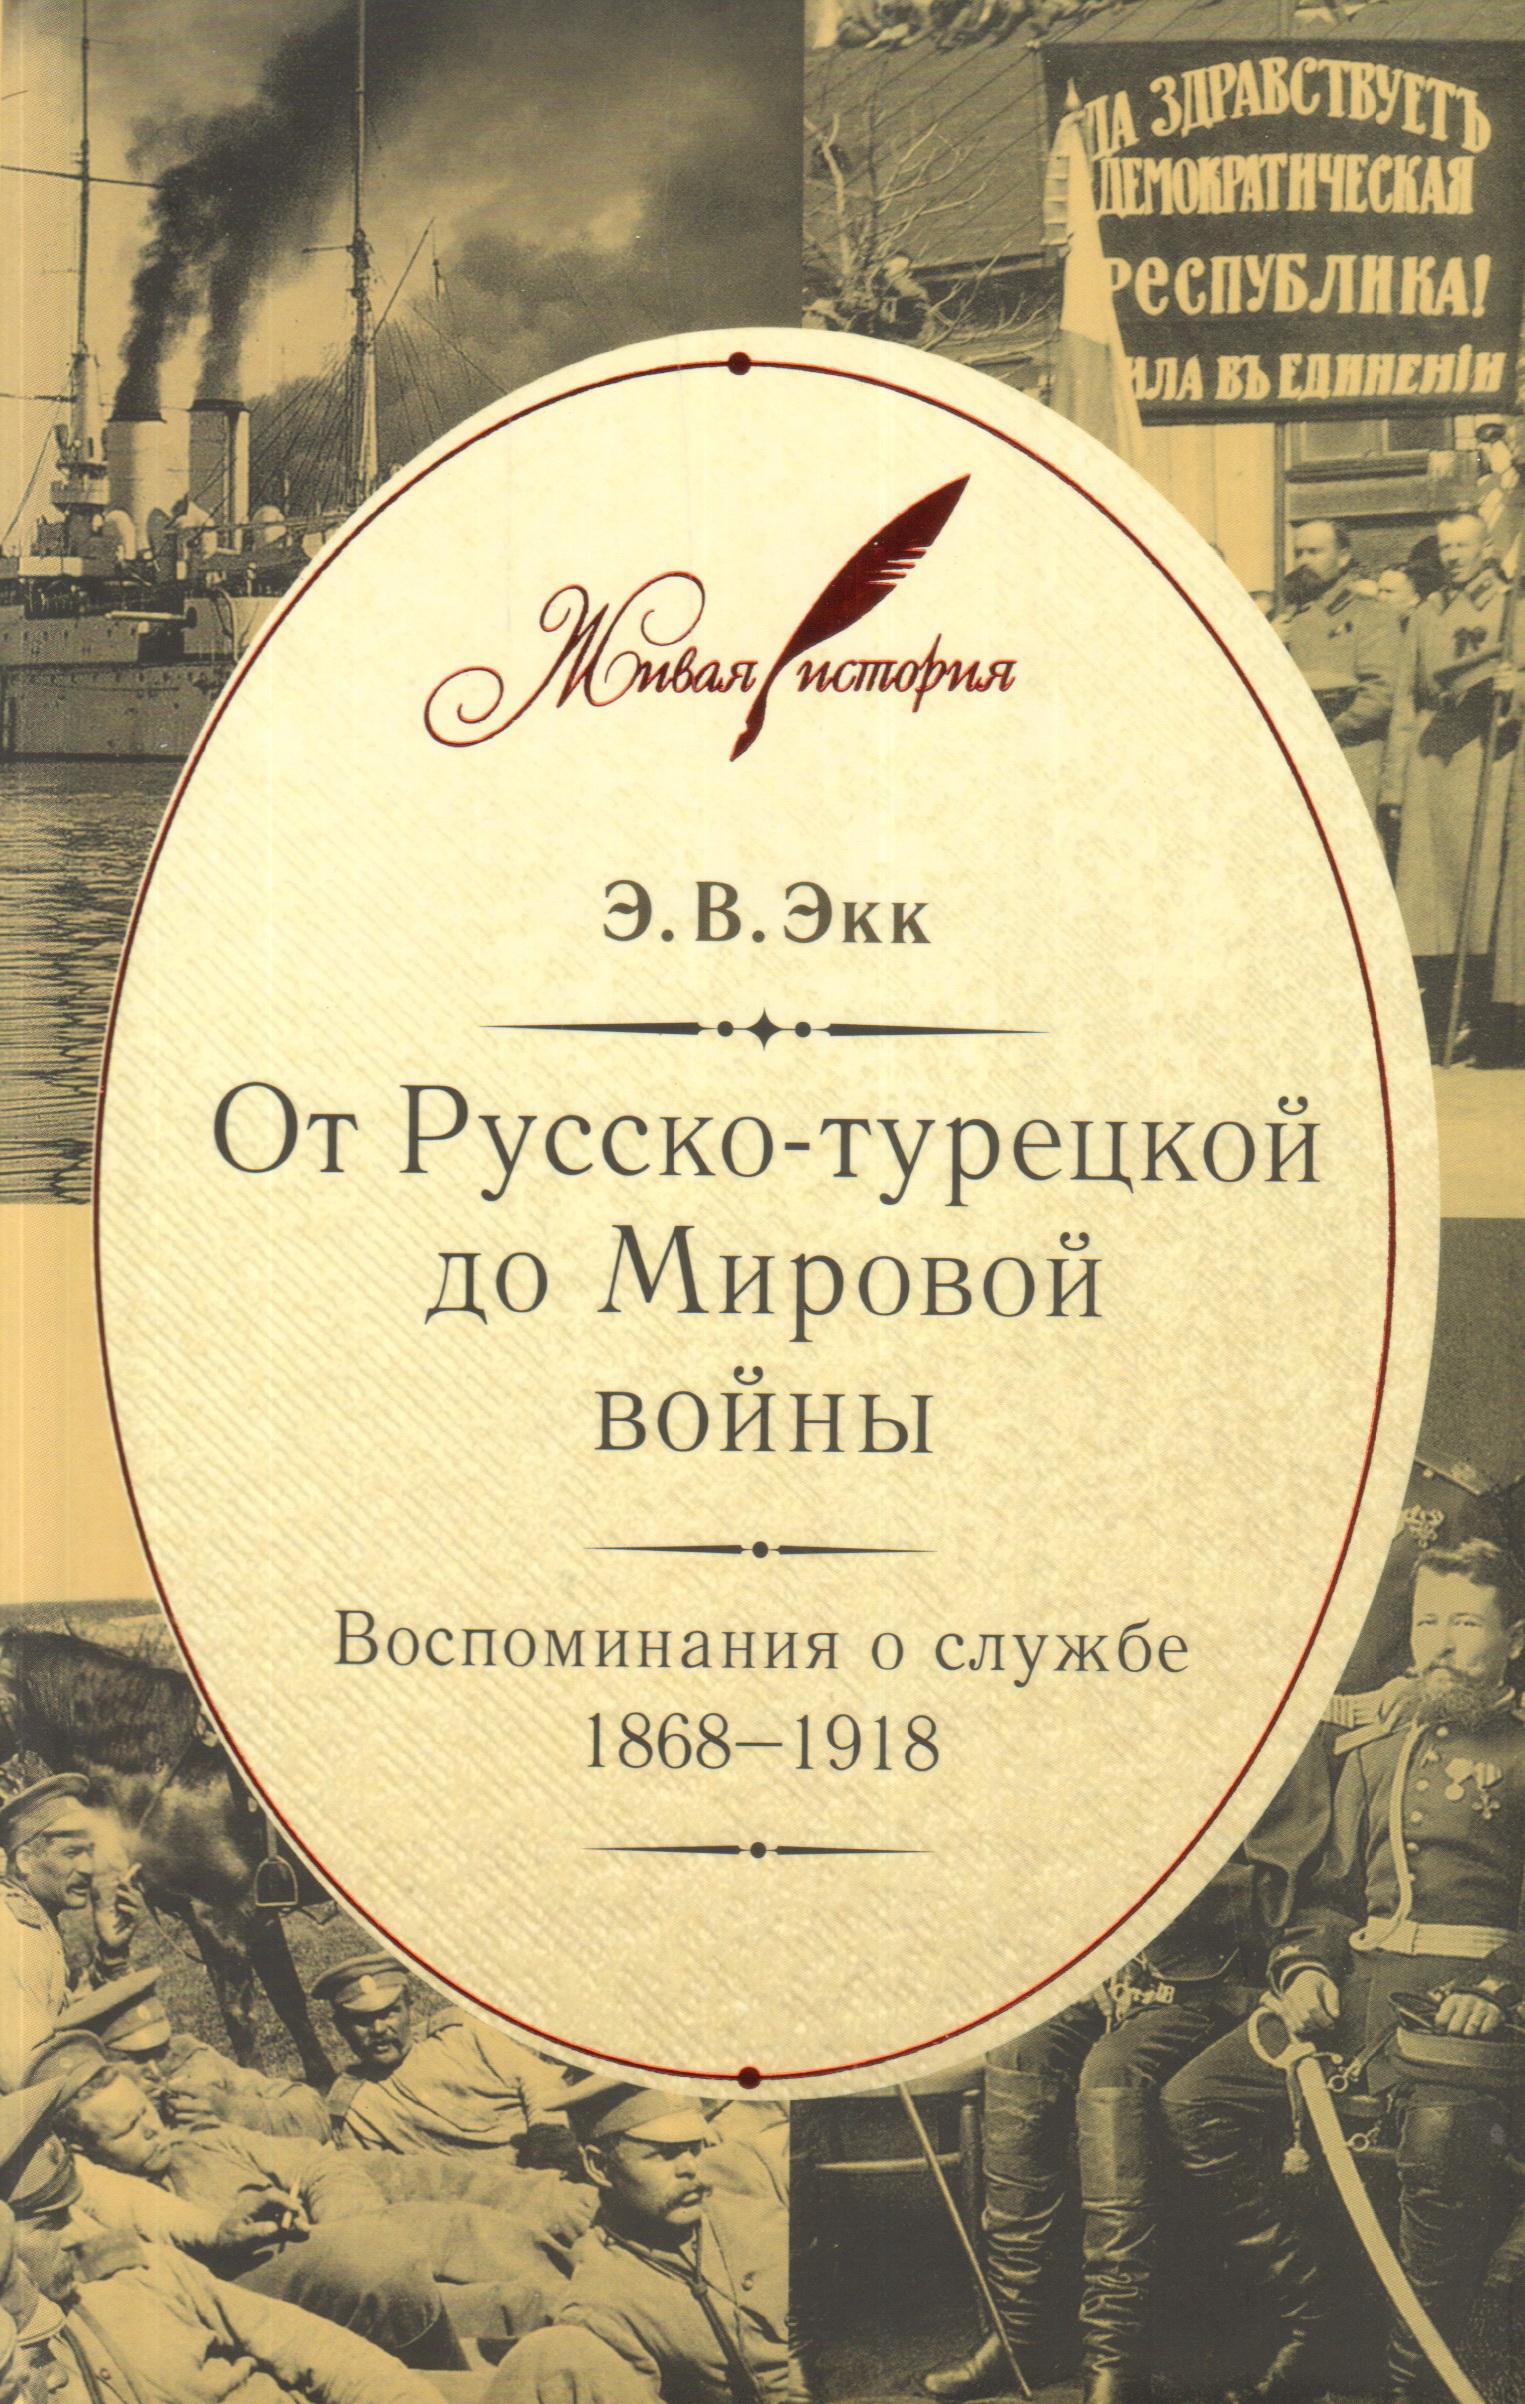 Экк Э. В.  От Русско-турецкой до Мировой войны: Воспоминания о службе. 1868–1918